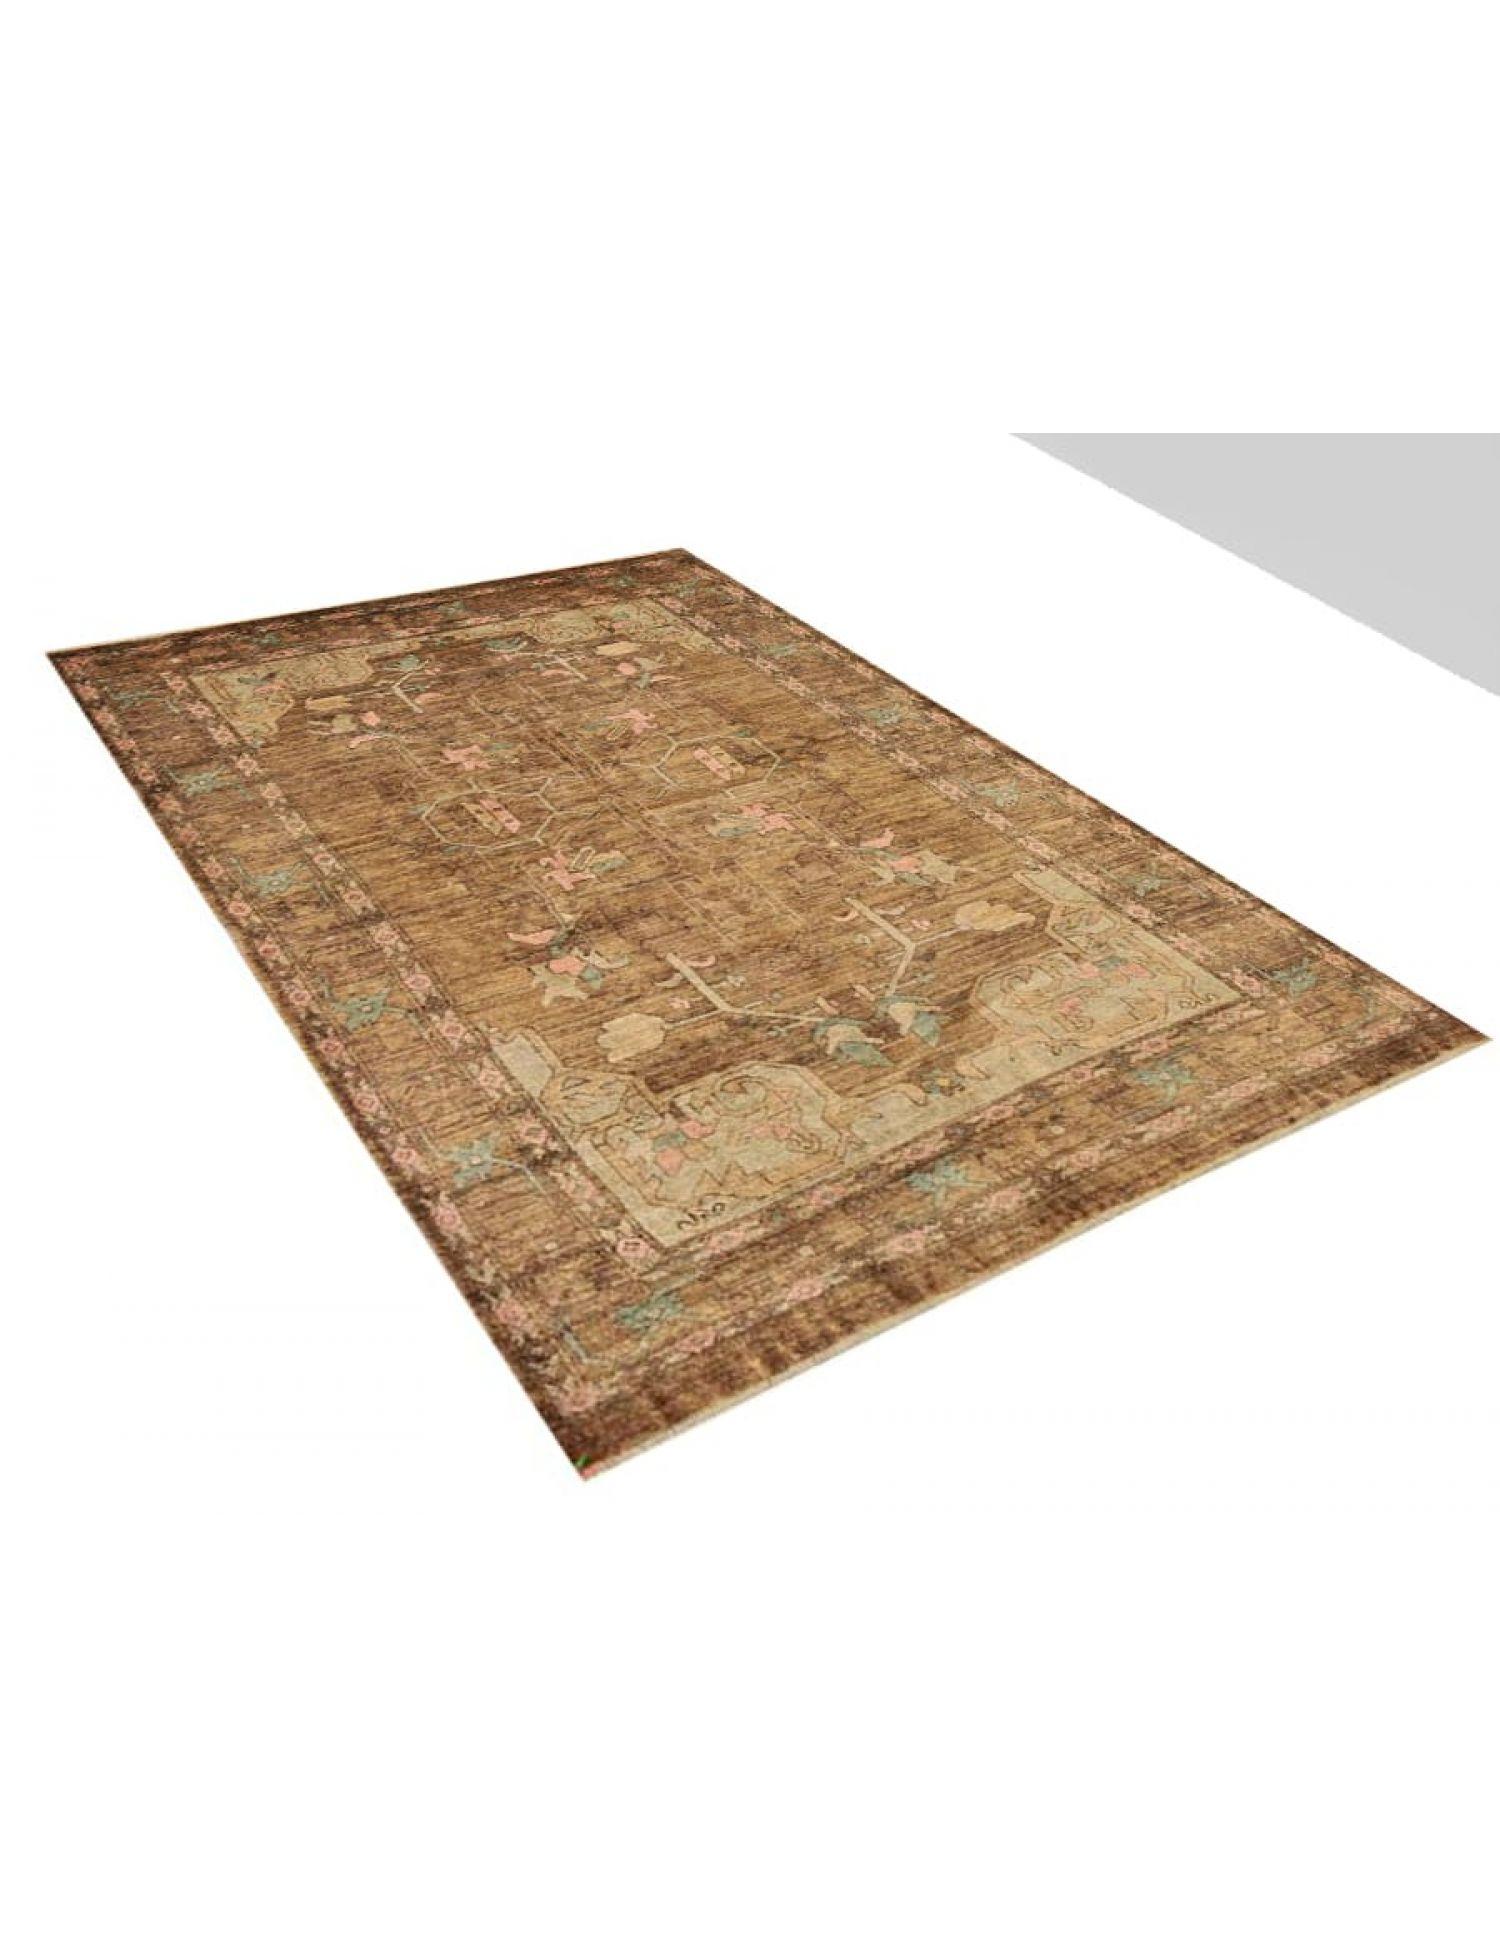 Perserteppich  braun <br/>185 x 142 cm